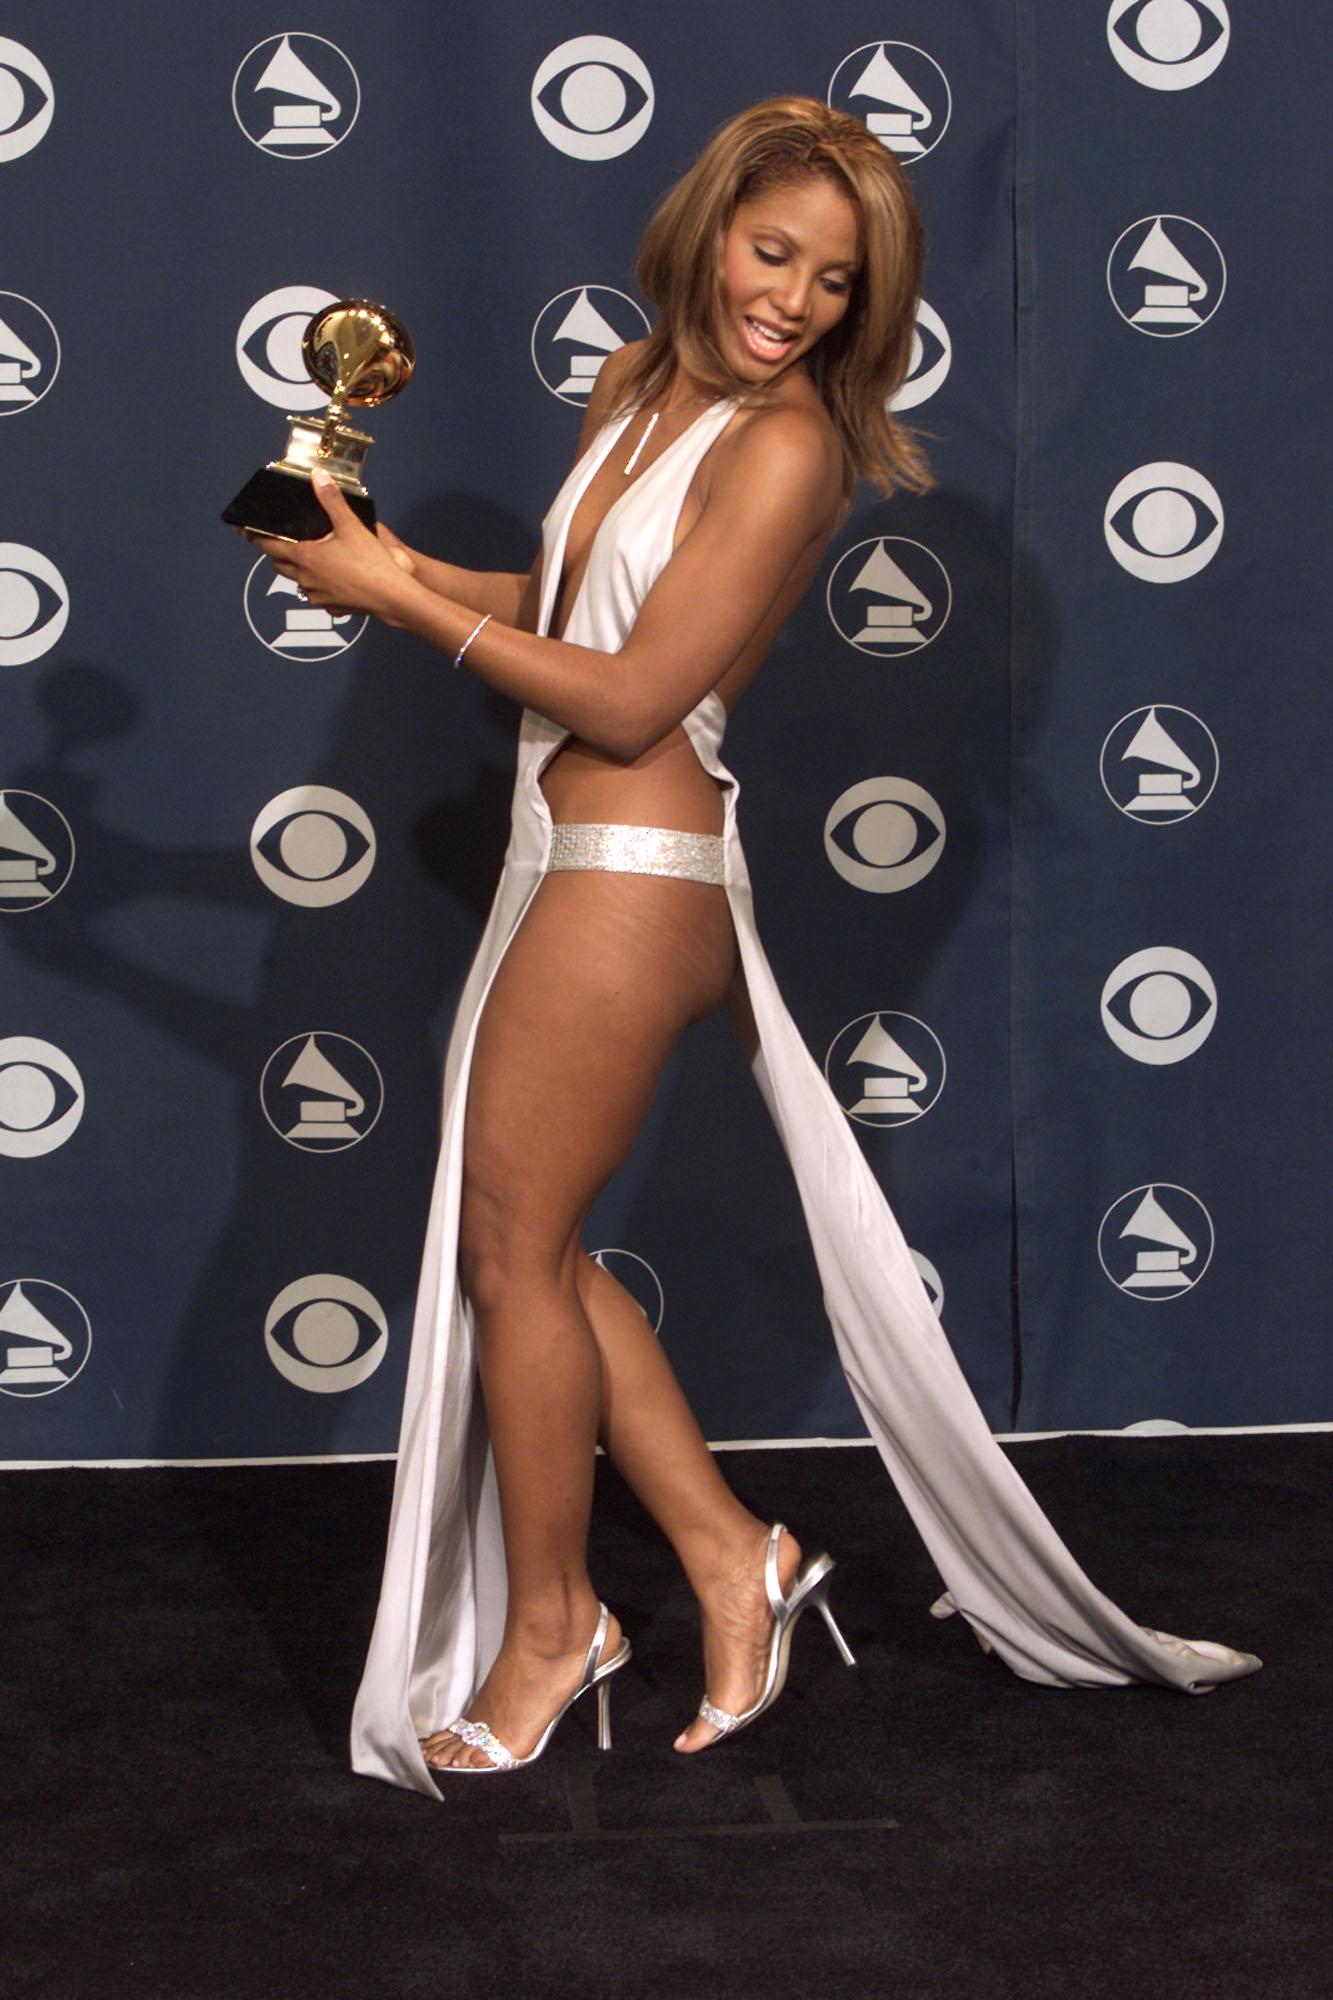 """Тони Бракстън (2001 г.) - роклята ѝ от наградите """"Грами"""" не оставя много на въображението. Тогава актьорът Джими Смитс сподели, че е останал озадачен, когато видял певицата. А Бракстън заяви """"Трябва да правите такива неща, докато сте млади""""."""